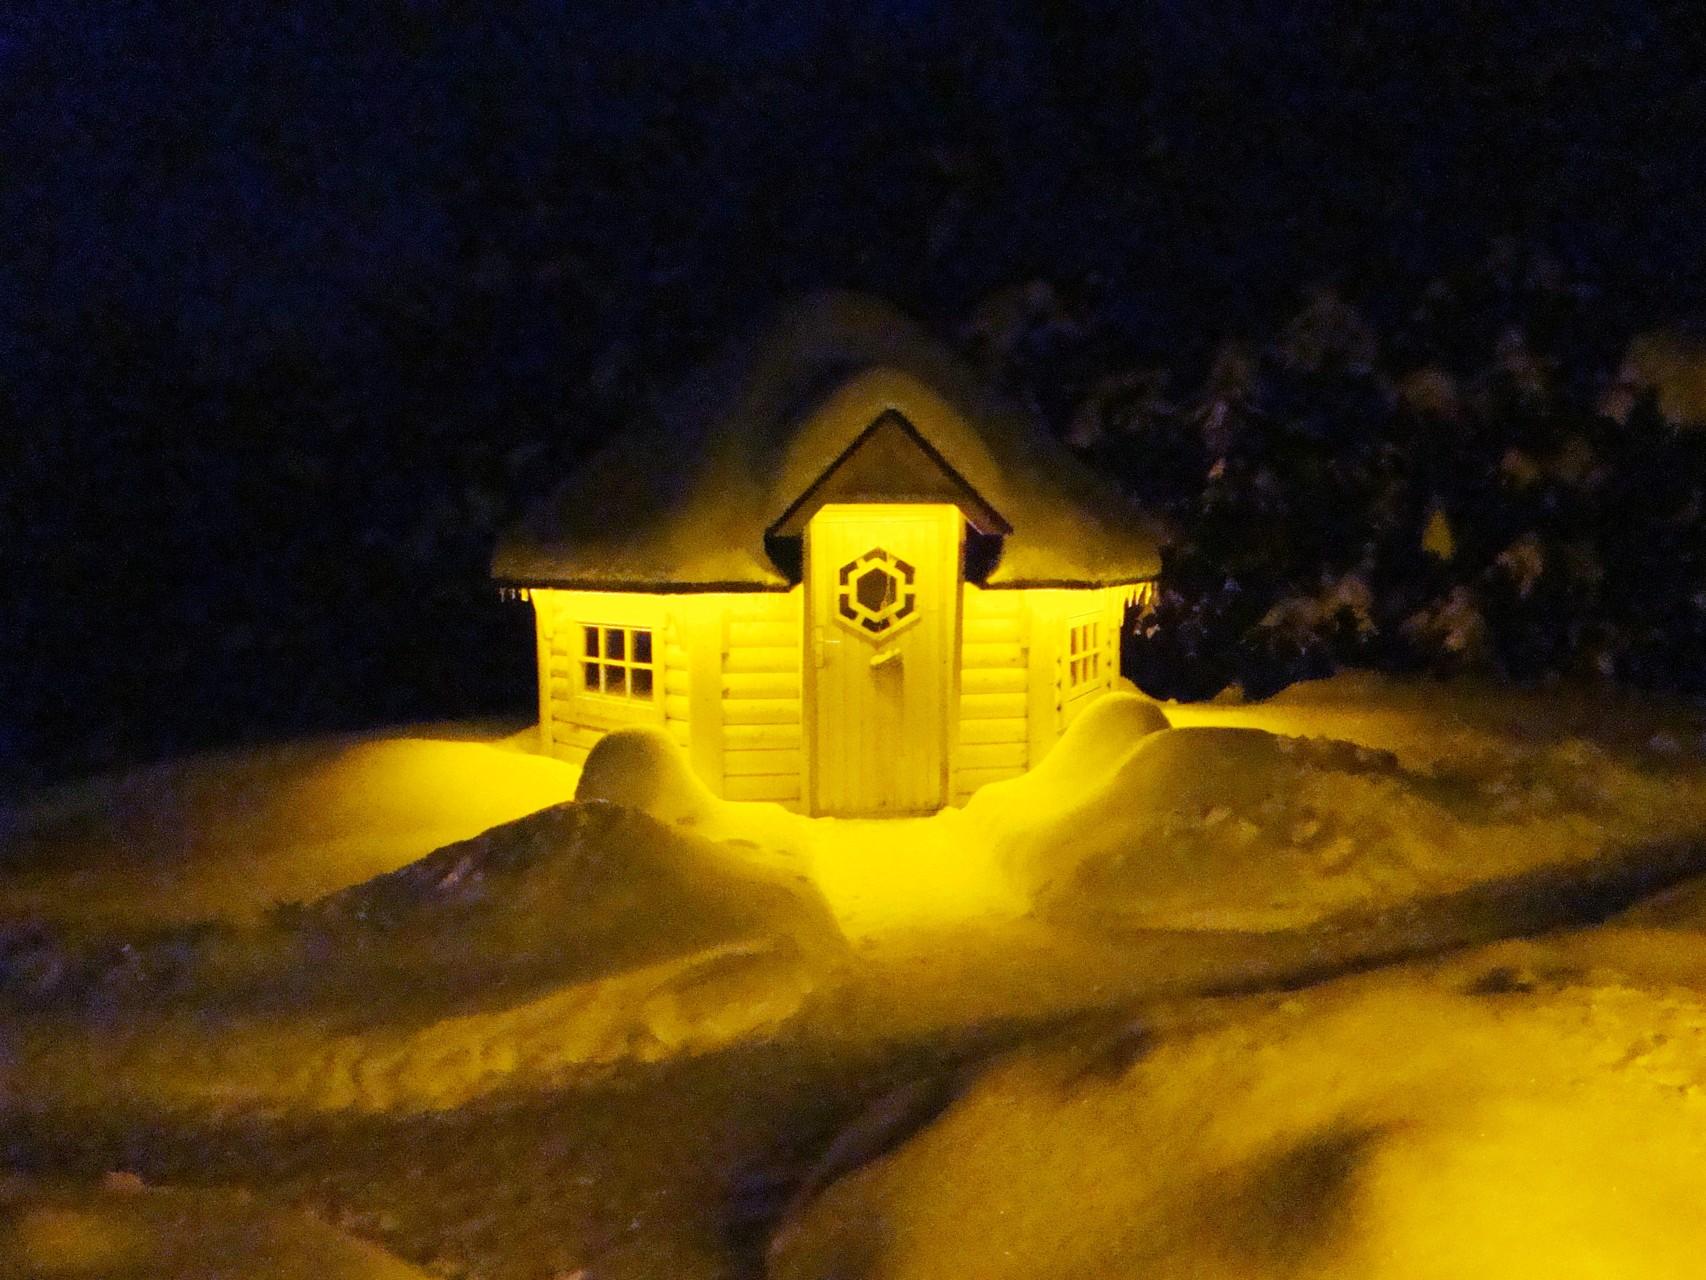 Grillhütte bei Nacht